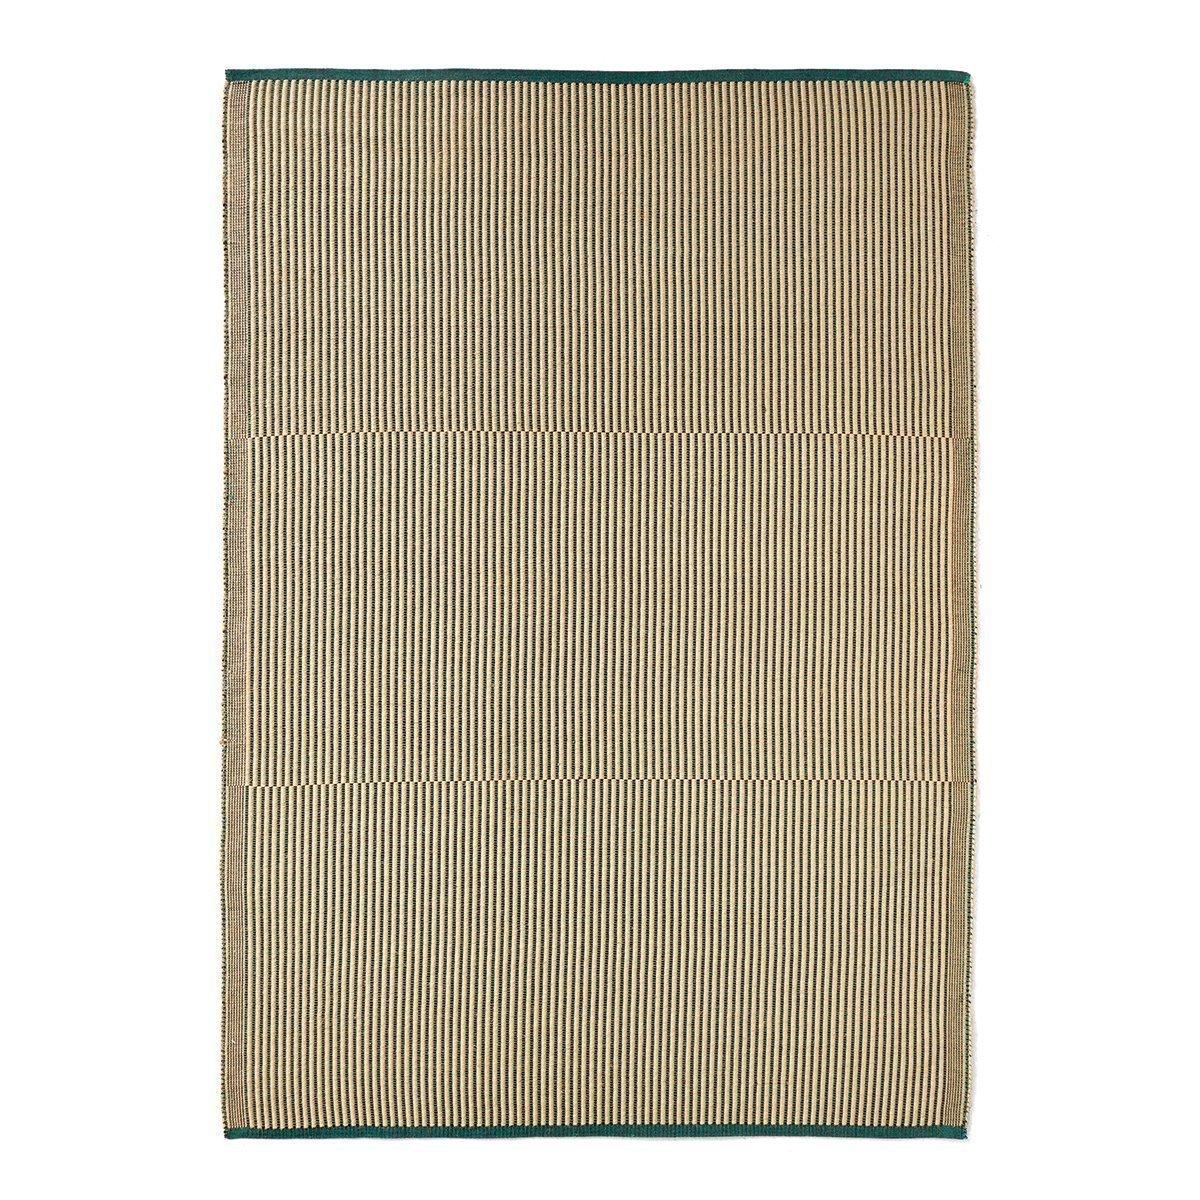 HAY Tapis Vloerkleed Black & Green - 200 x 80 cm.